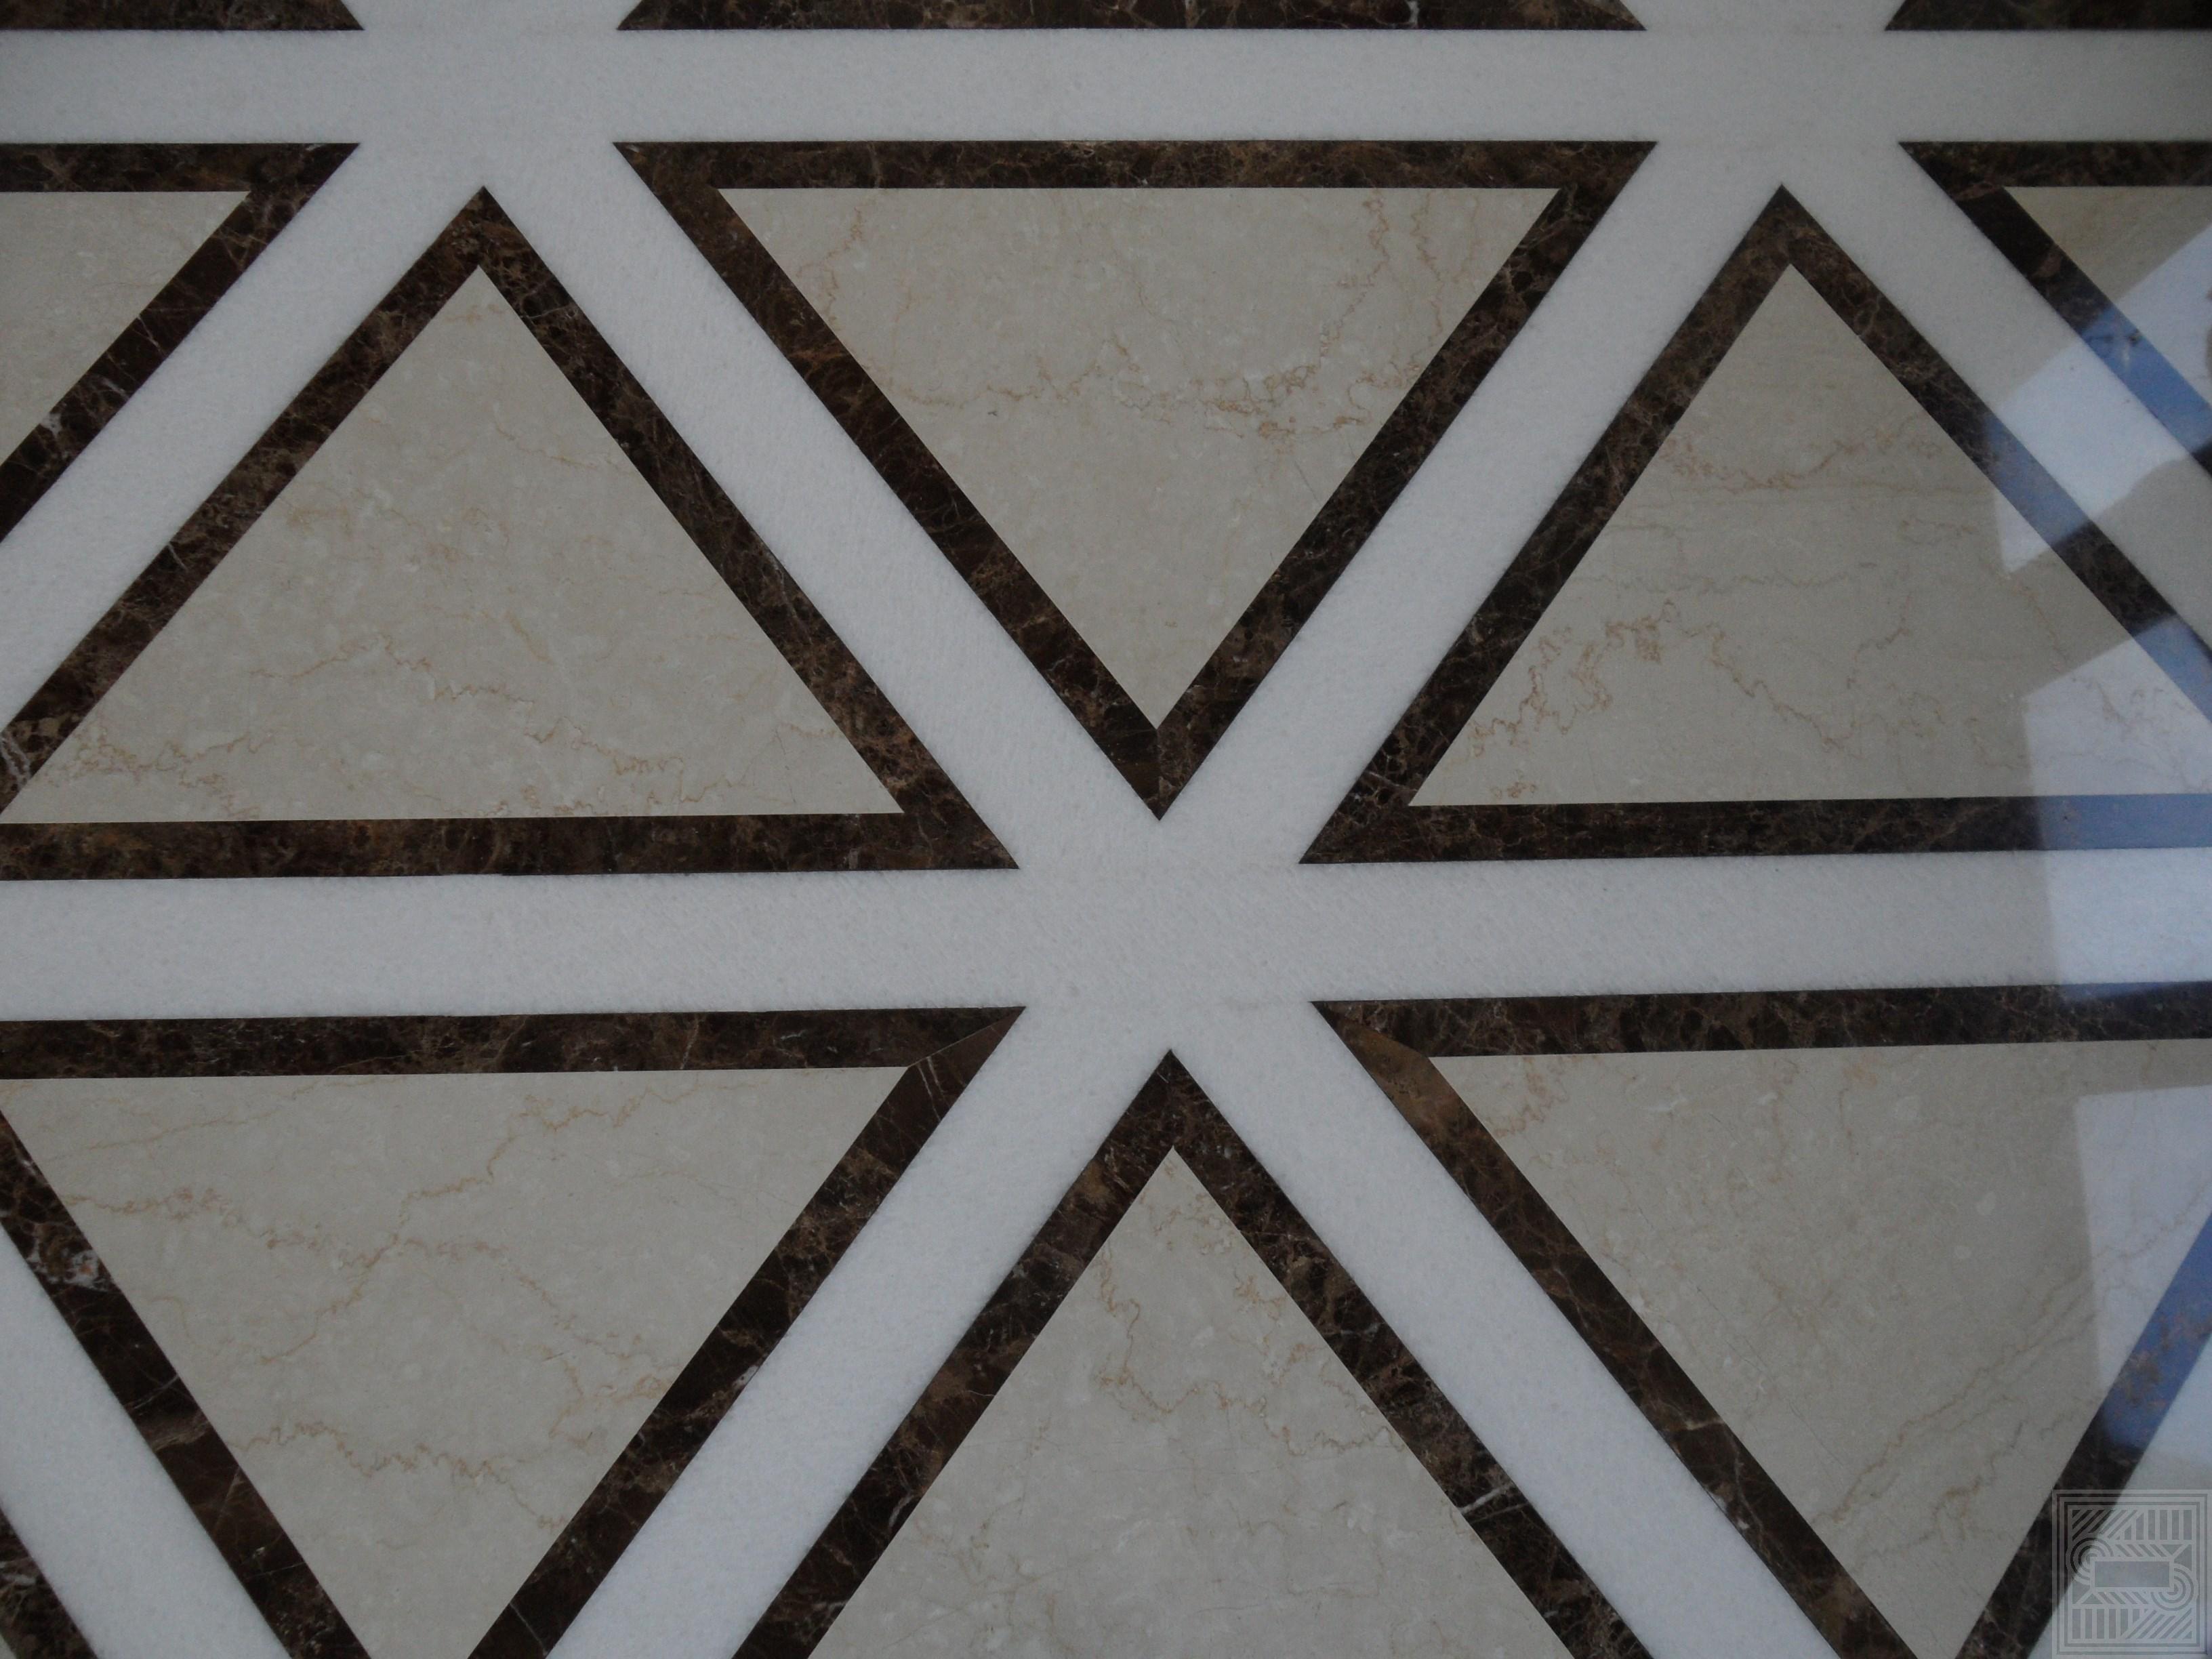 Пол из мрамора Emperador Brown, Botticino Classico и Bianco Nave 20 мм floor-marble - Inkrustatsiya pola mramorom Emperador Brown Botticino Classico Bianco Nave 20 mm 2